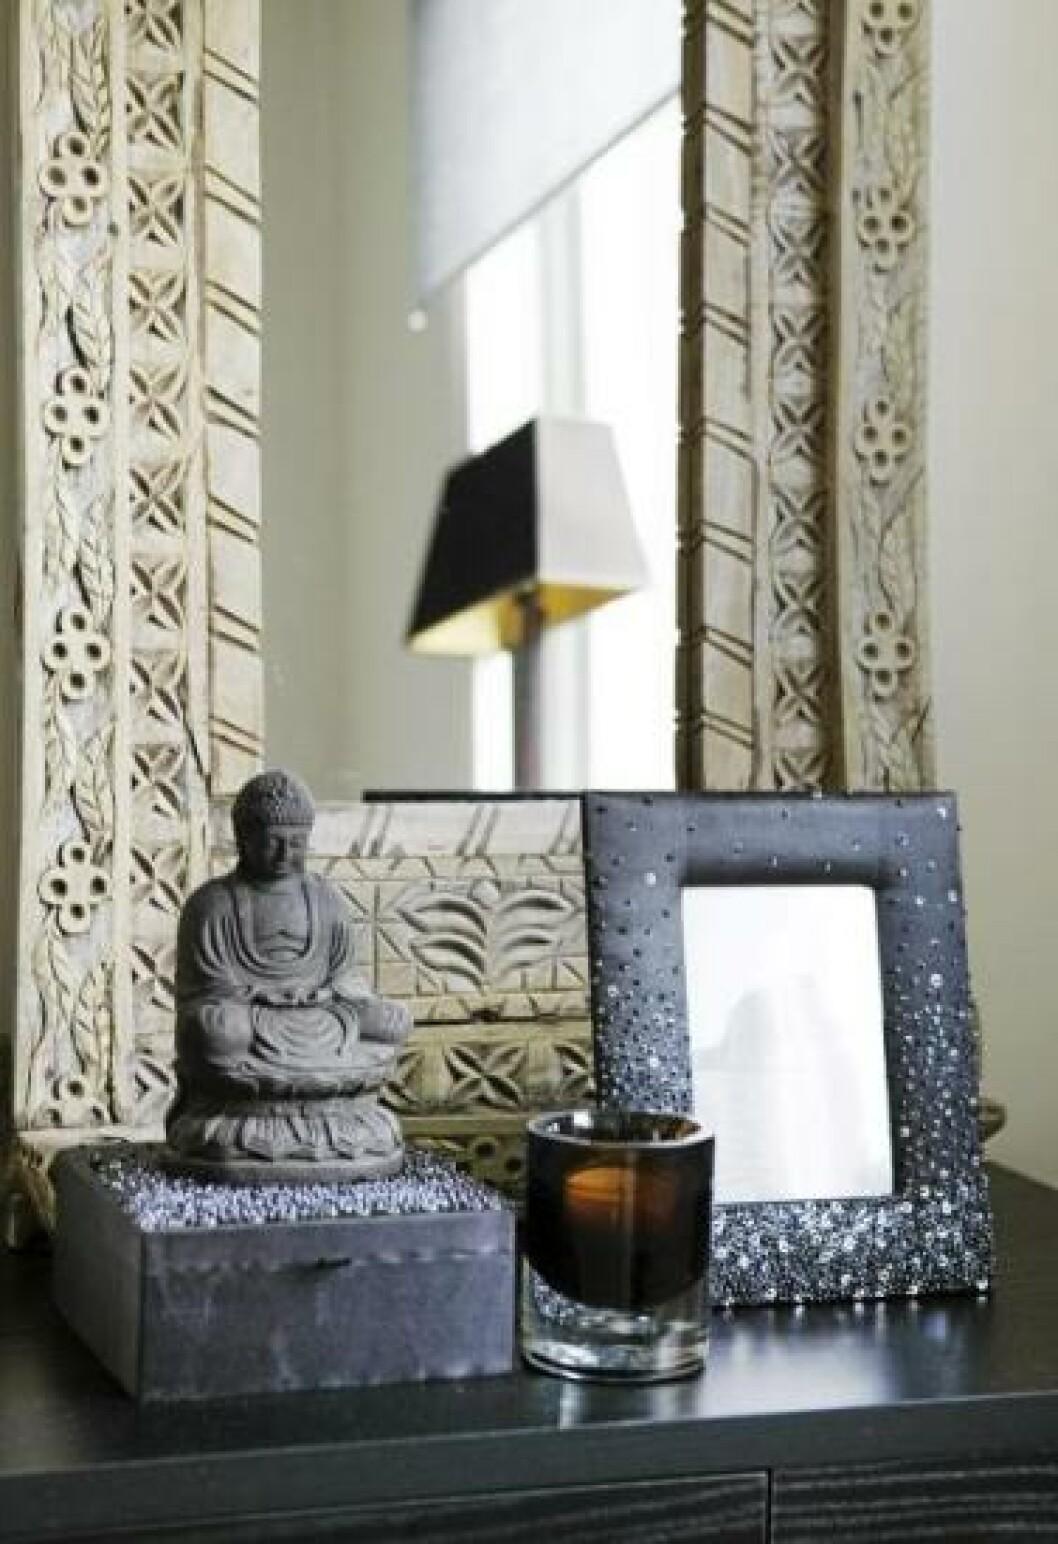 <strong>ØSTENS MYSTIKK:</strong> Buddahfiguren og det indiske speilet med utskjæringer tilfører et østlig preg til soverommet. Speilet fra India finnes hos Anouska. Boksen og rammen med paljetter er fra samme sted. Styling: Tone Kroken. Foto: Yvonne Wilhelmsen